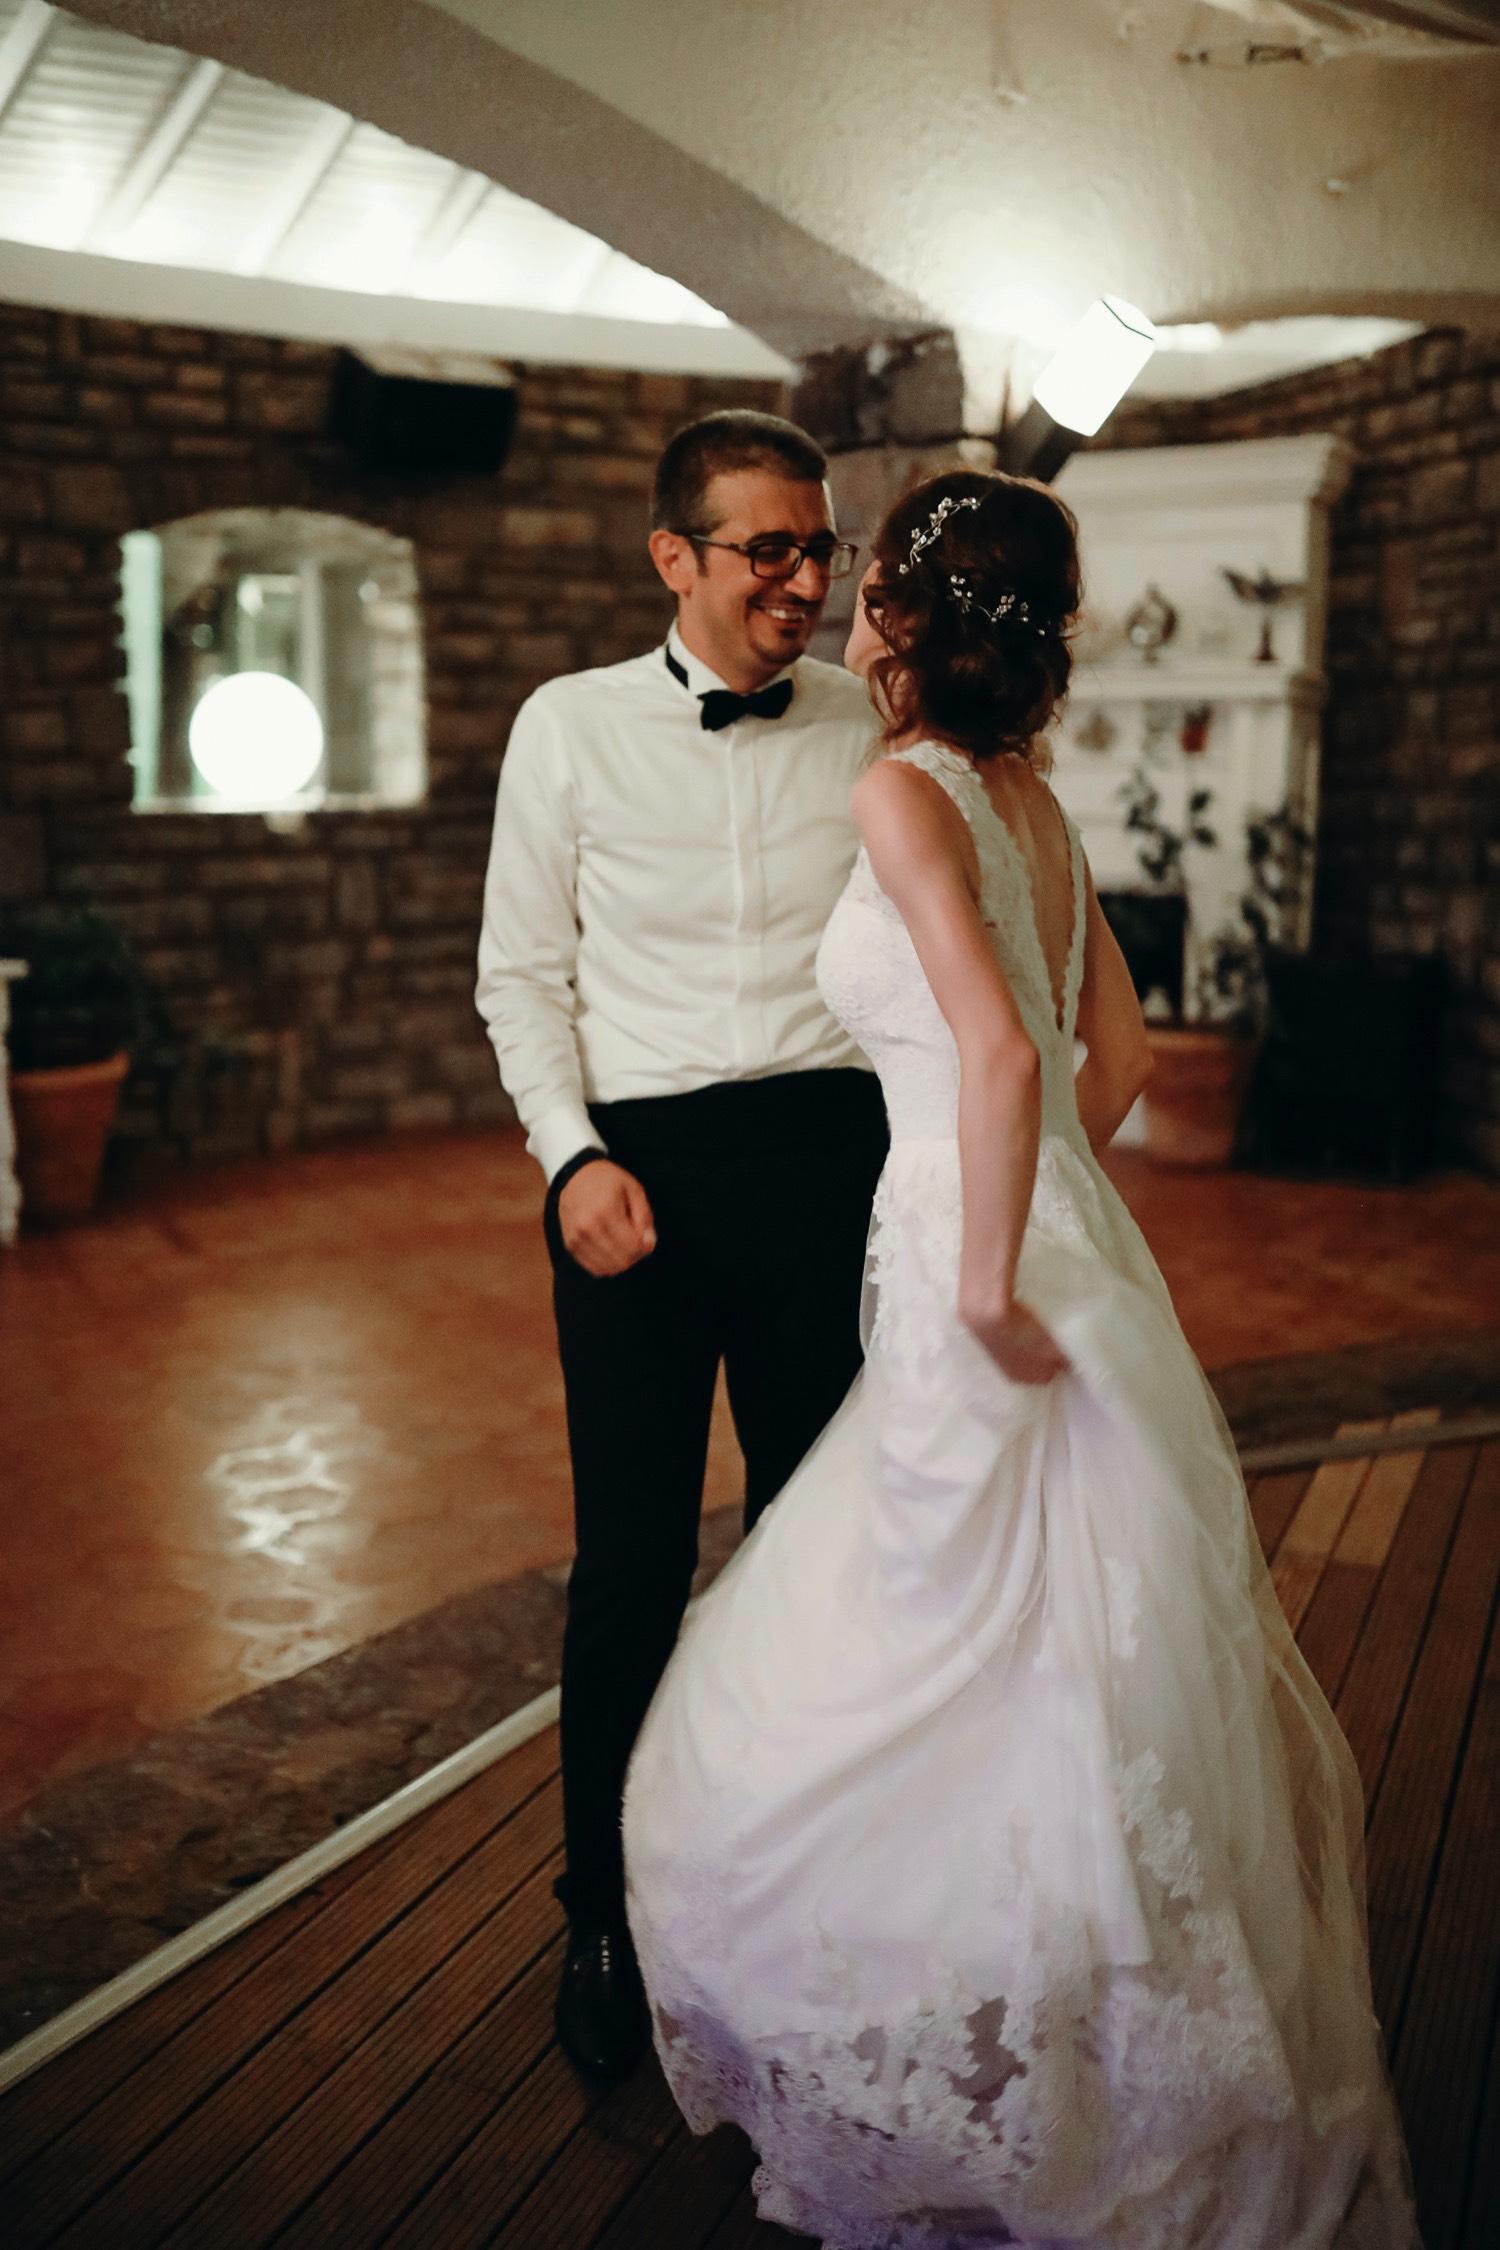 0000000062_5K2A5215 copy_photographer_fotoğrafçı_istanbul_düğün_fotoğrafçısı_dış_bursa_çekim_wedding